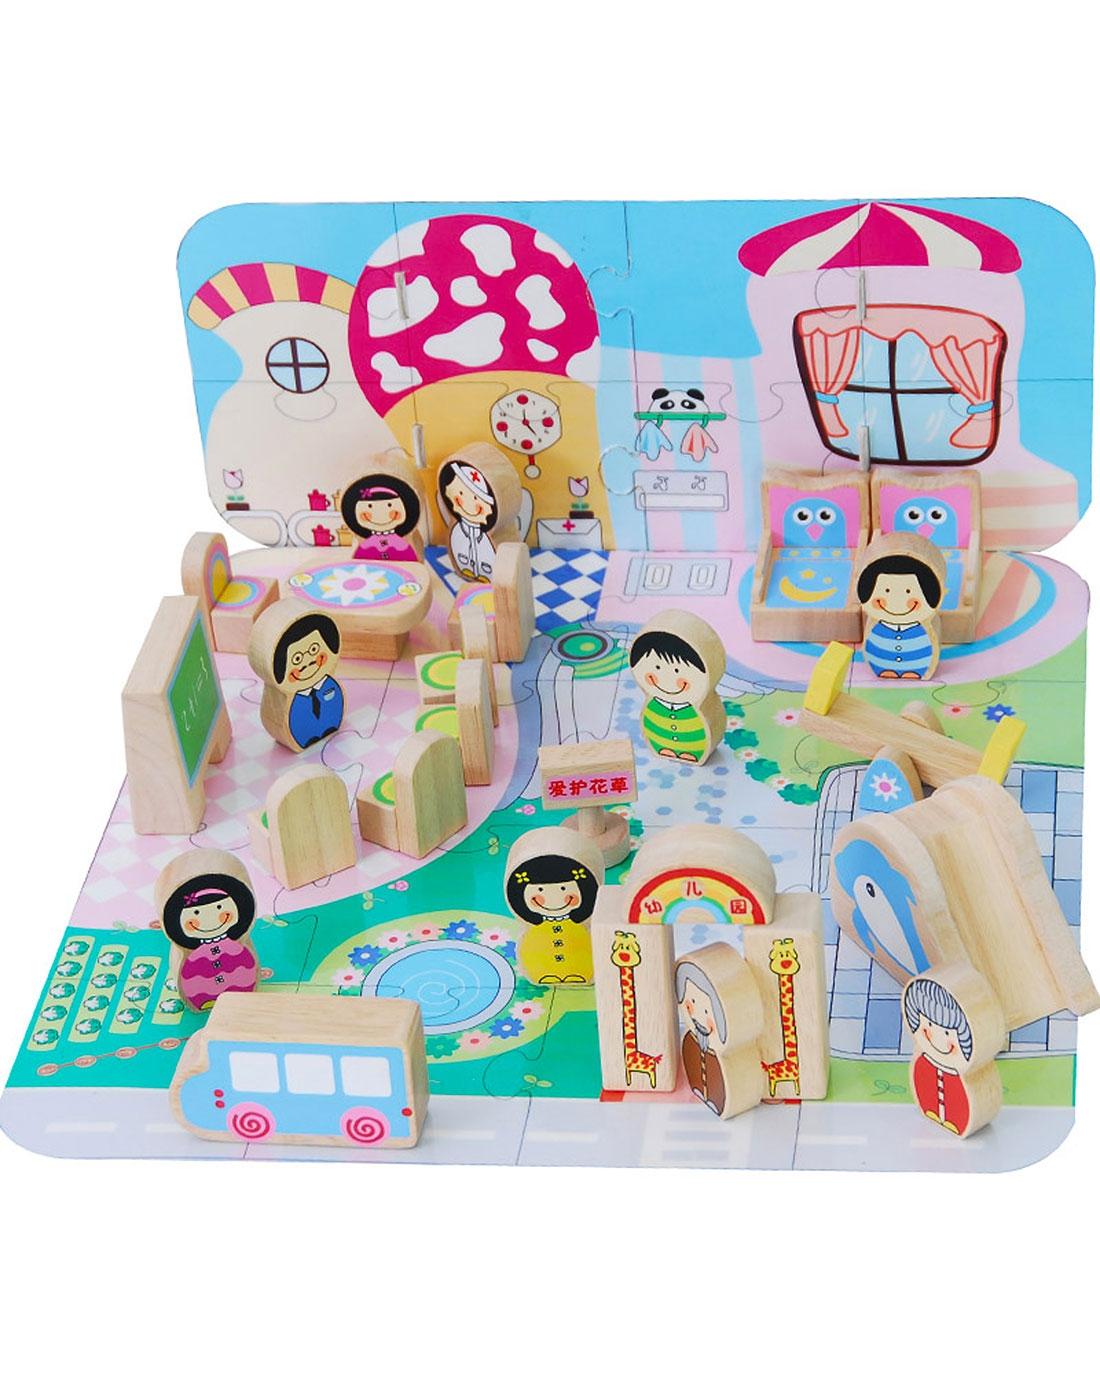 儿童益智玩具彩虹幼儿园